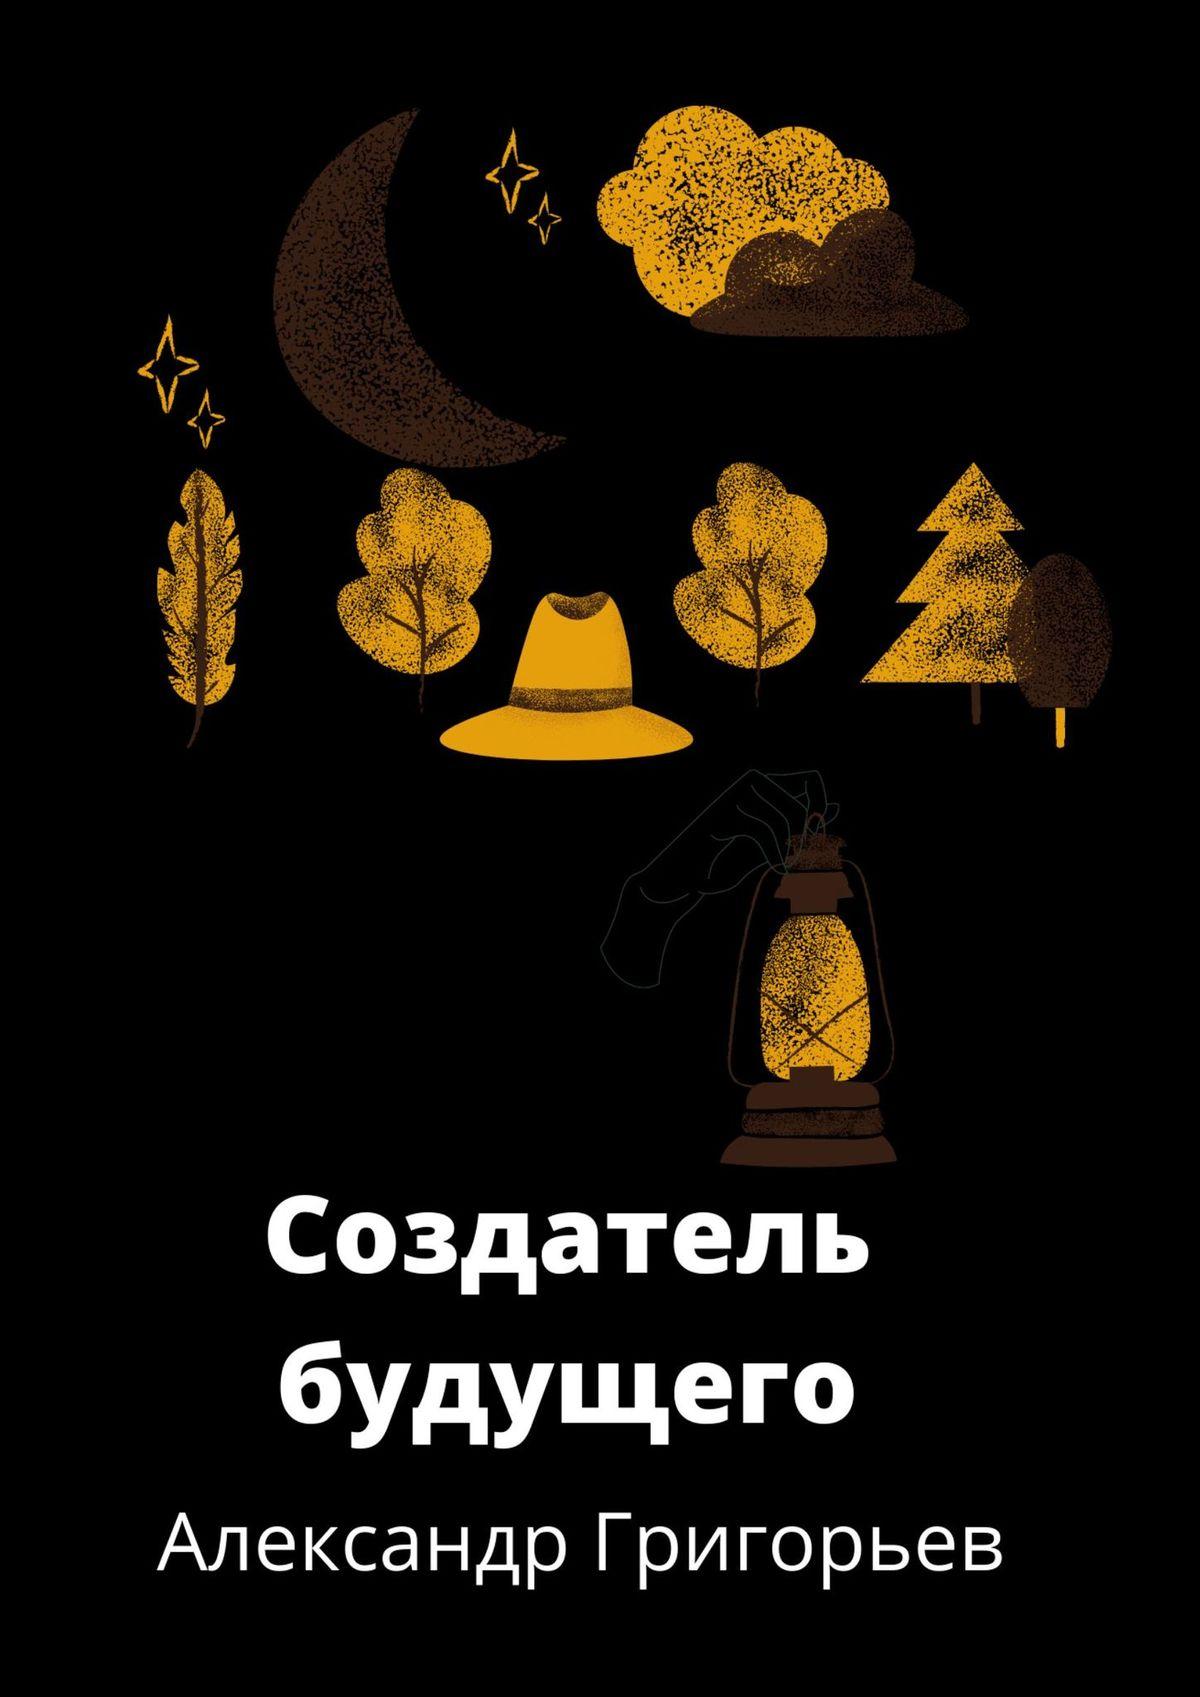 Александр Григорьев Создатель Будущего александр григорьев создатель будущего